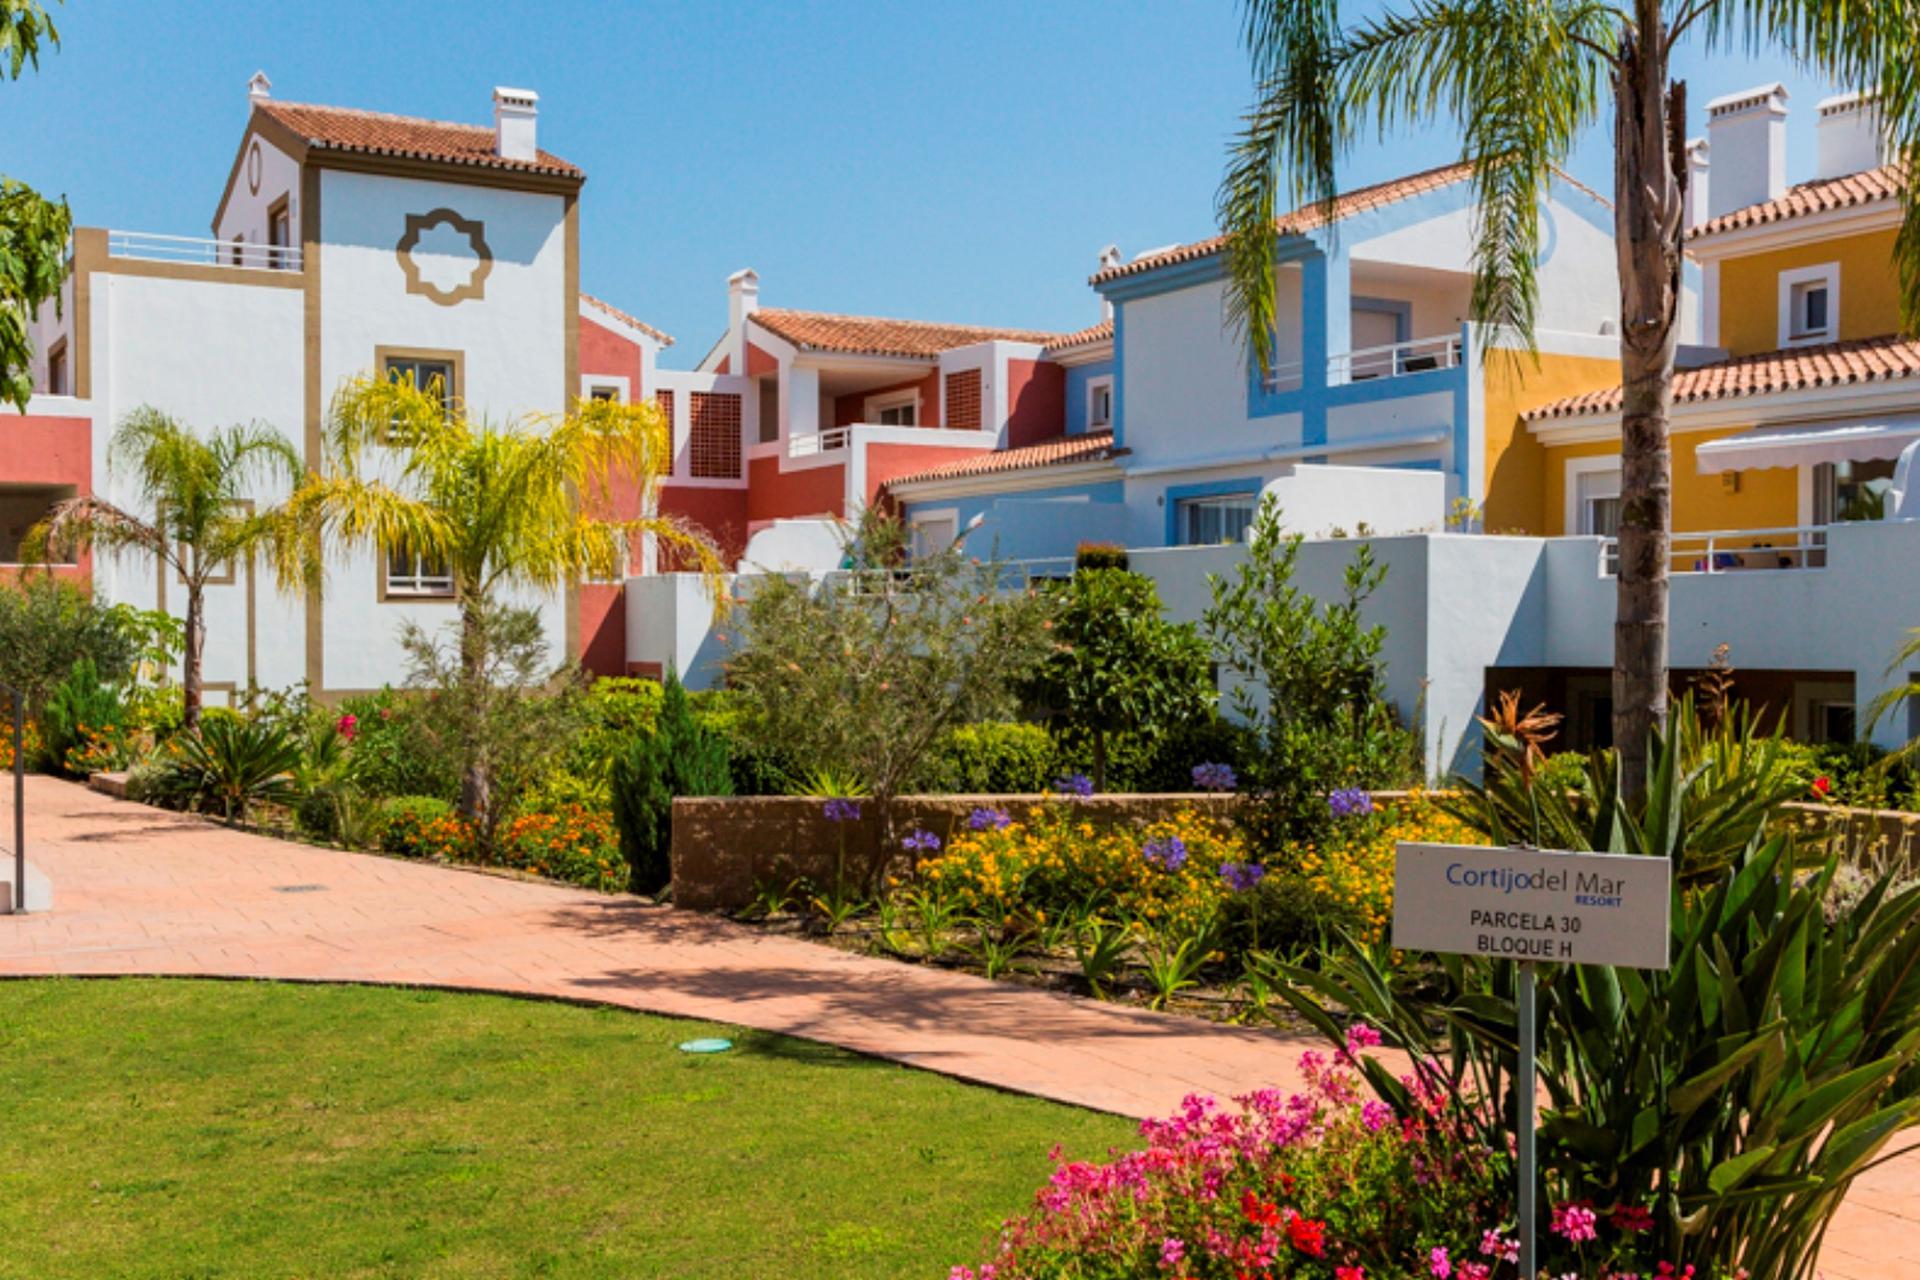 aparth tel cortijo del mar location de voiture incluse en costa del sol andalousie. Black Bedroom Furniture Sets. Home Design Ideas